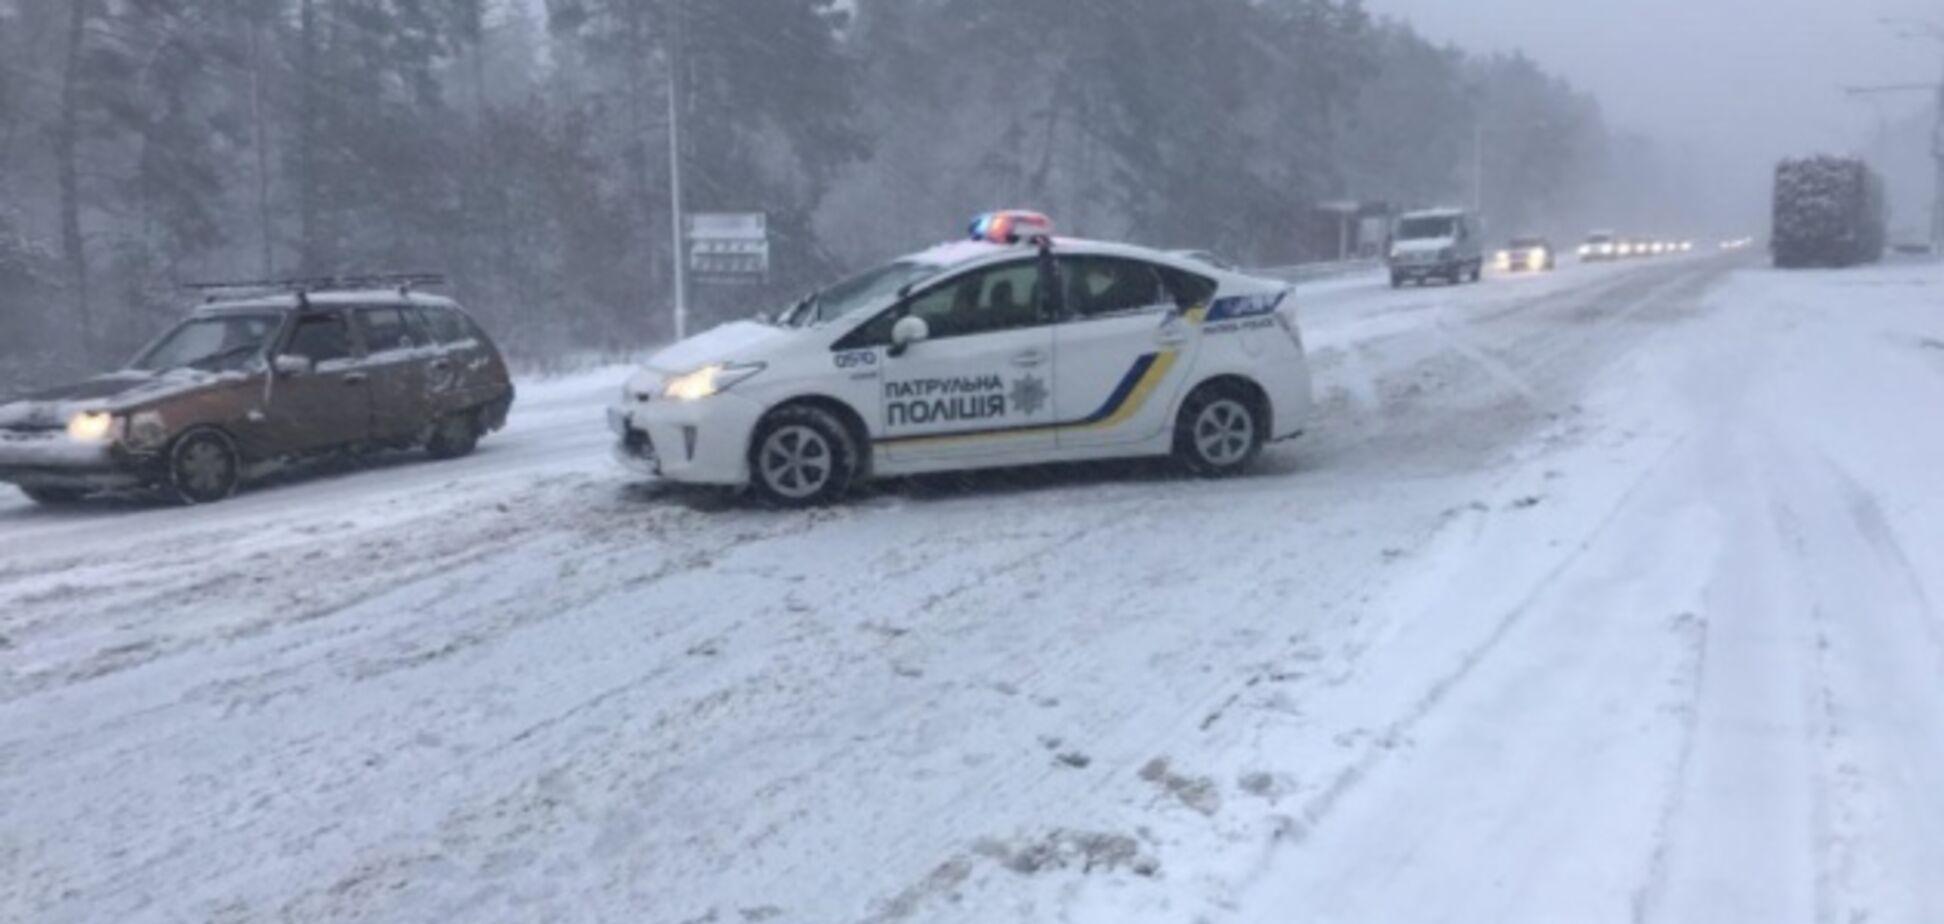 Снежный апокалипсис в Киеве: водителям подсказали, как спастись